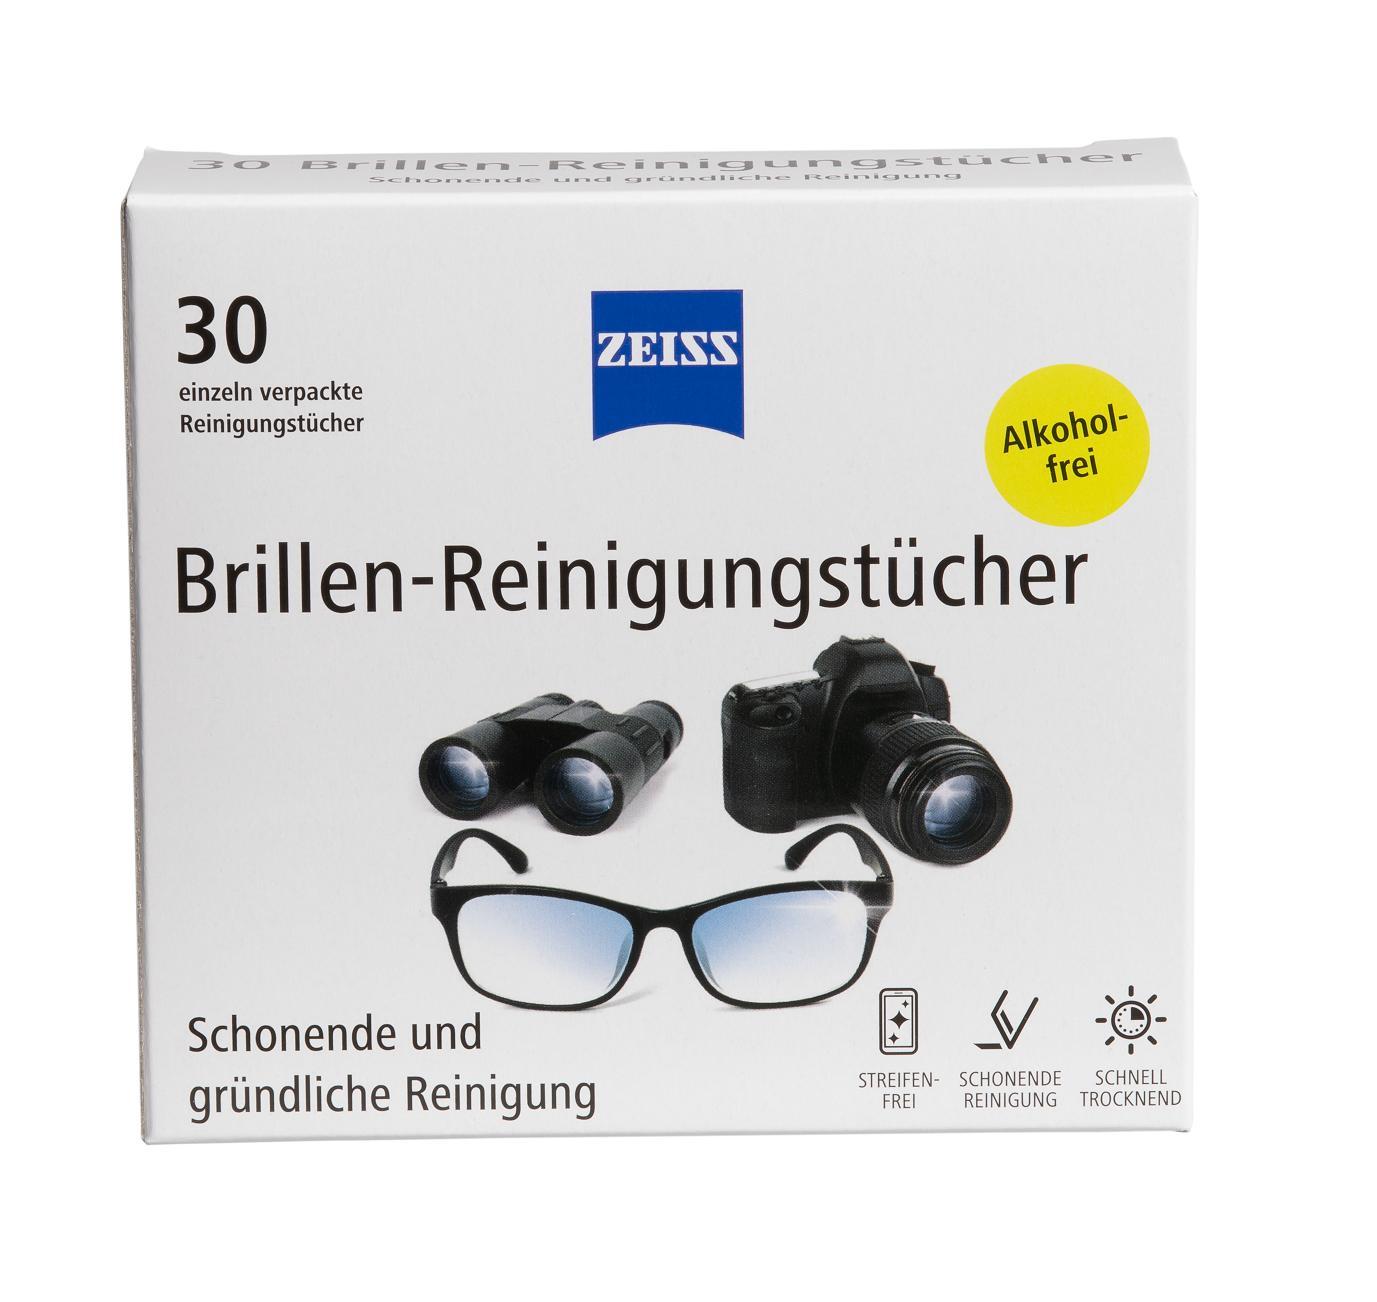 Brillen-Reinigungstücher_30St_96dpi